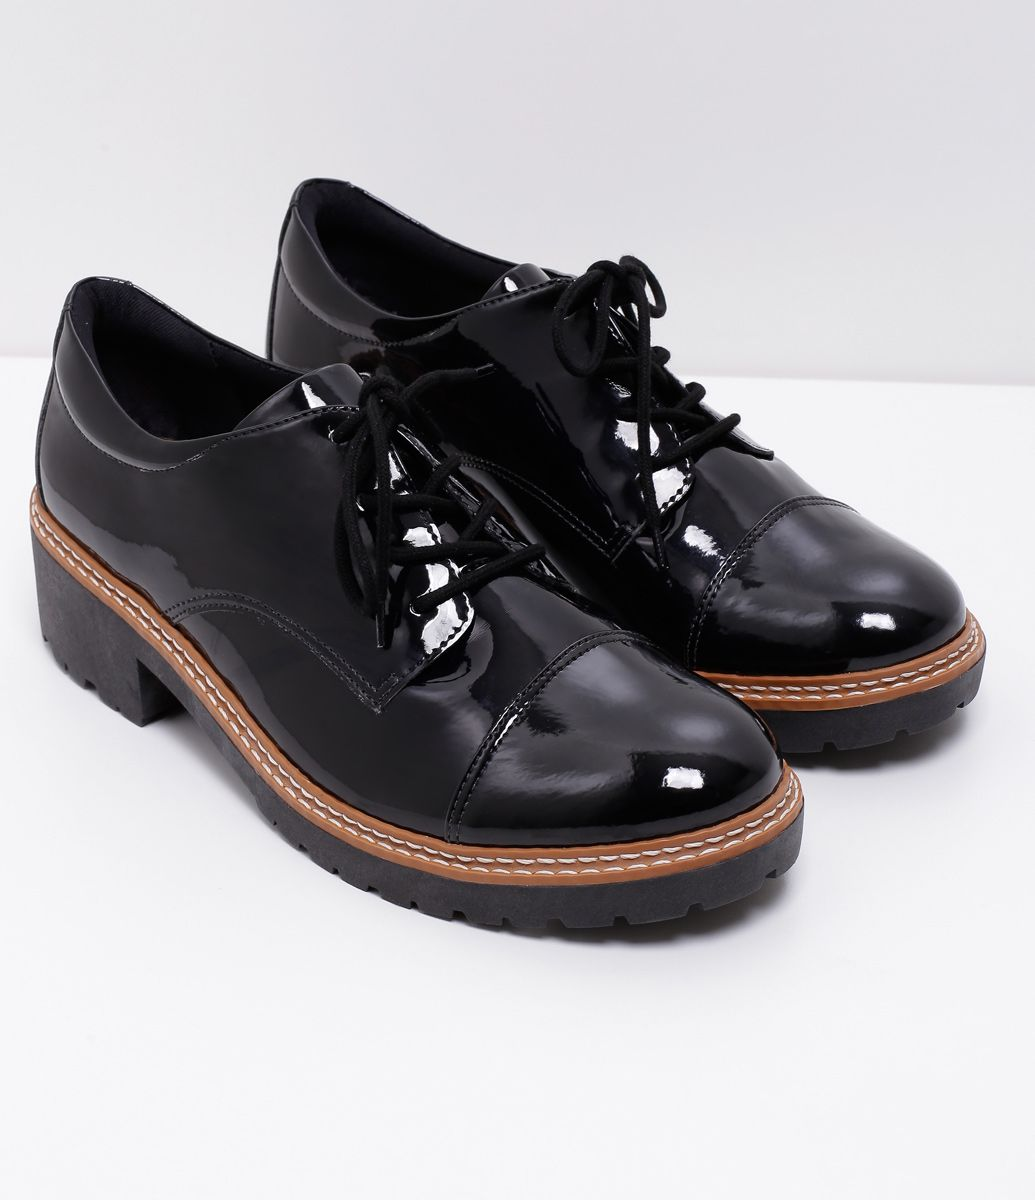 5f633565f2 Sapato Feminino Modelo  Oxford Em verniz Sola tratorada de 4cm Marca   Satinato Material